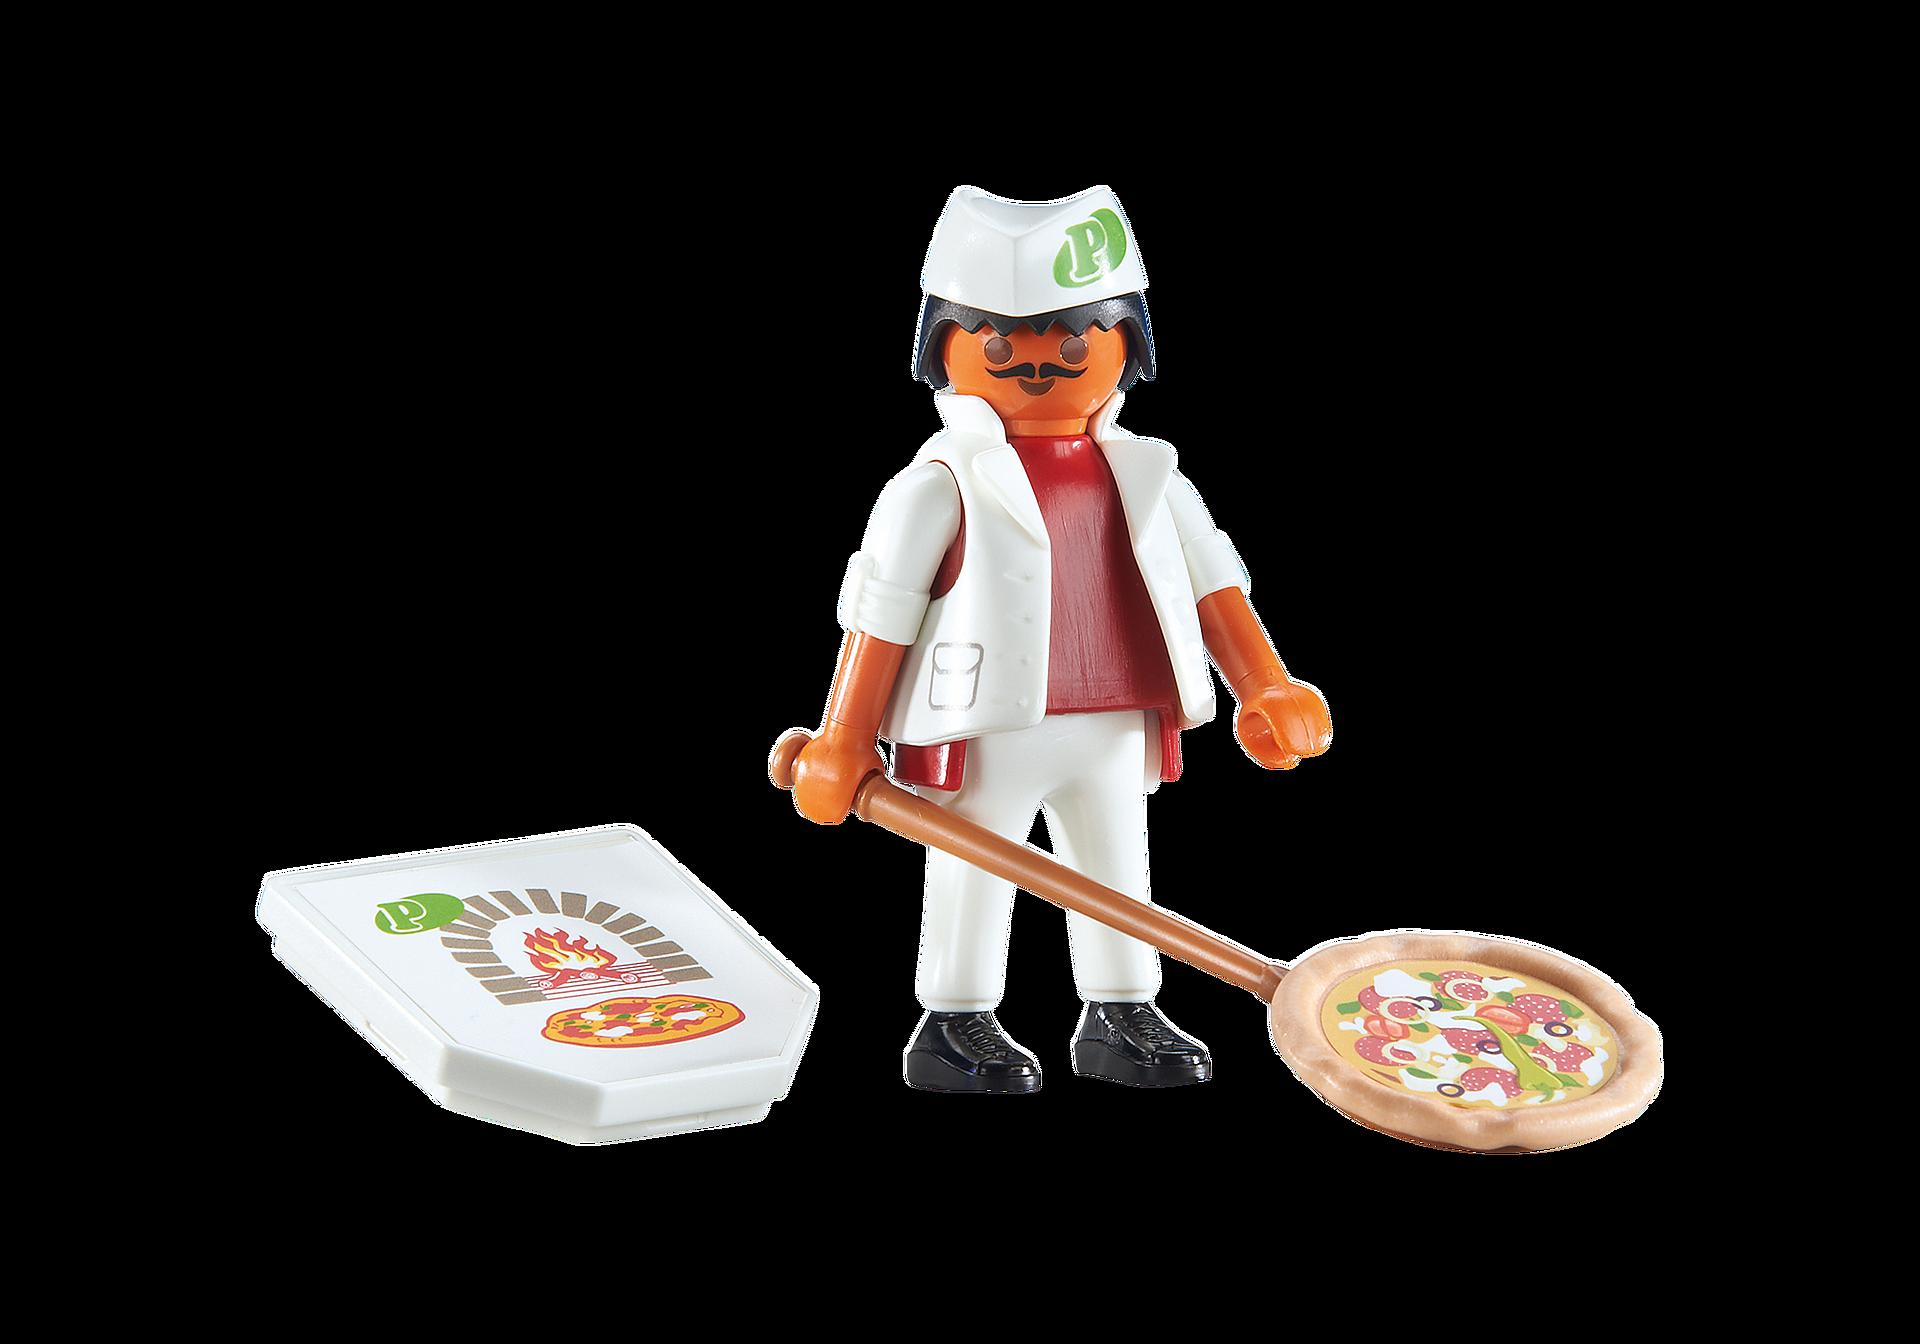 6392 Pizzaiolo avec pizza  zoom image1